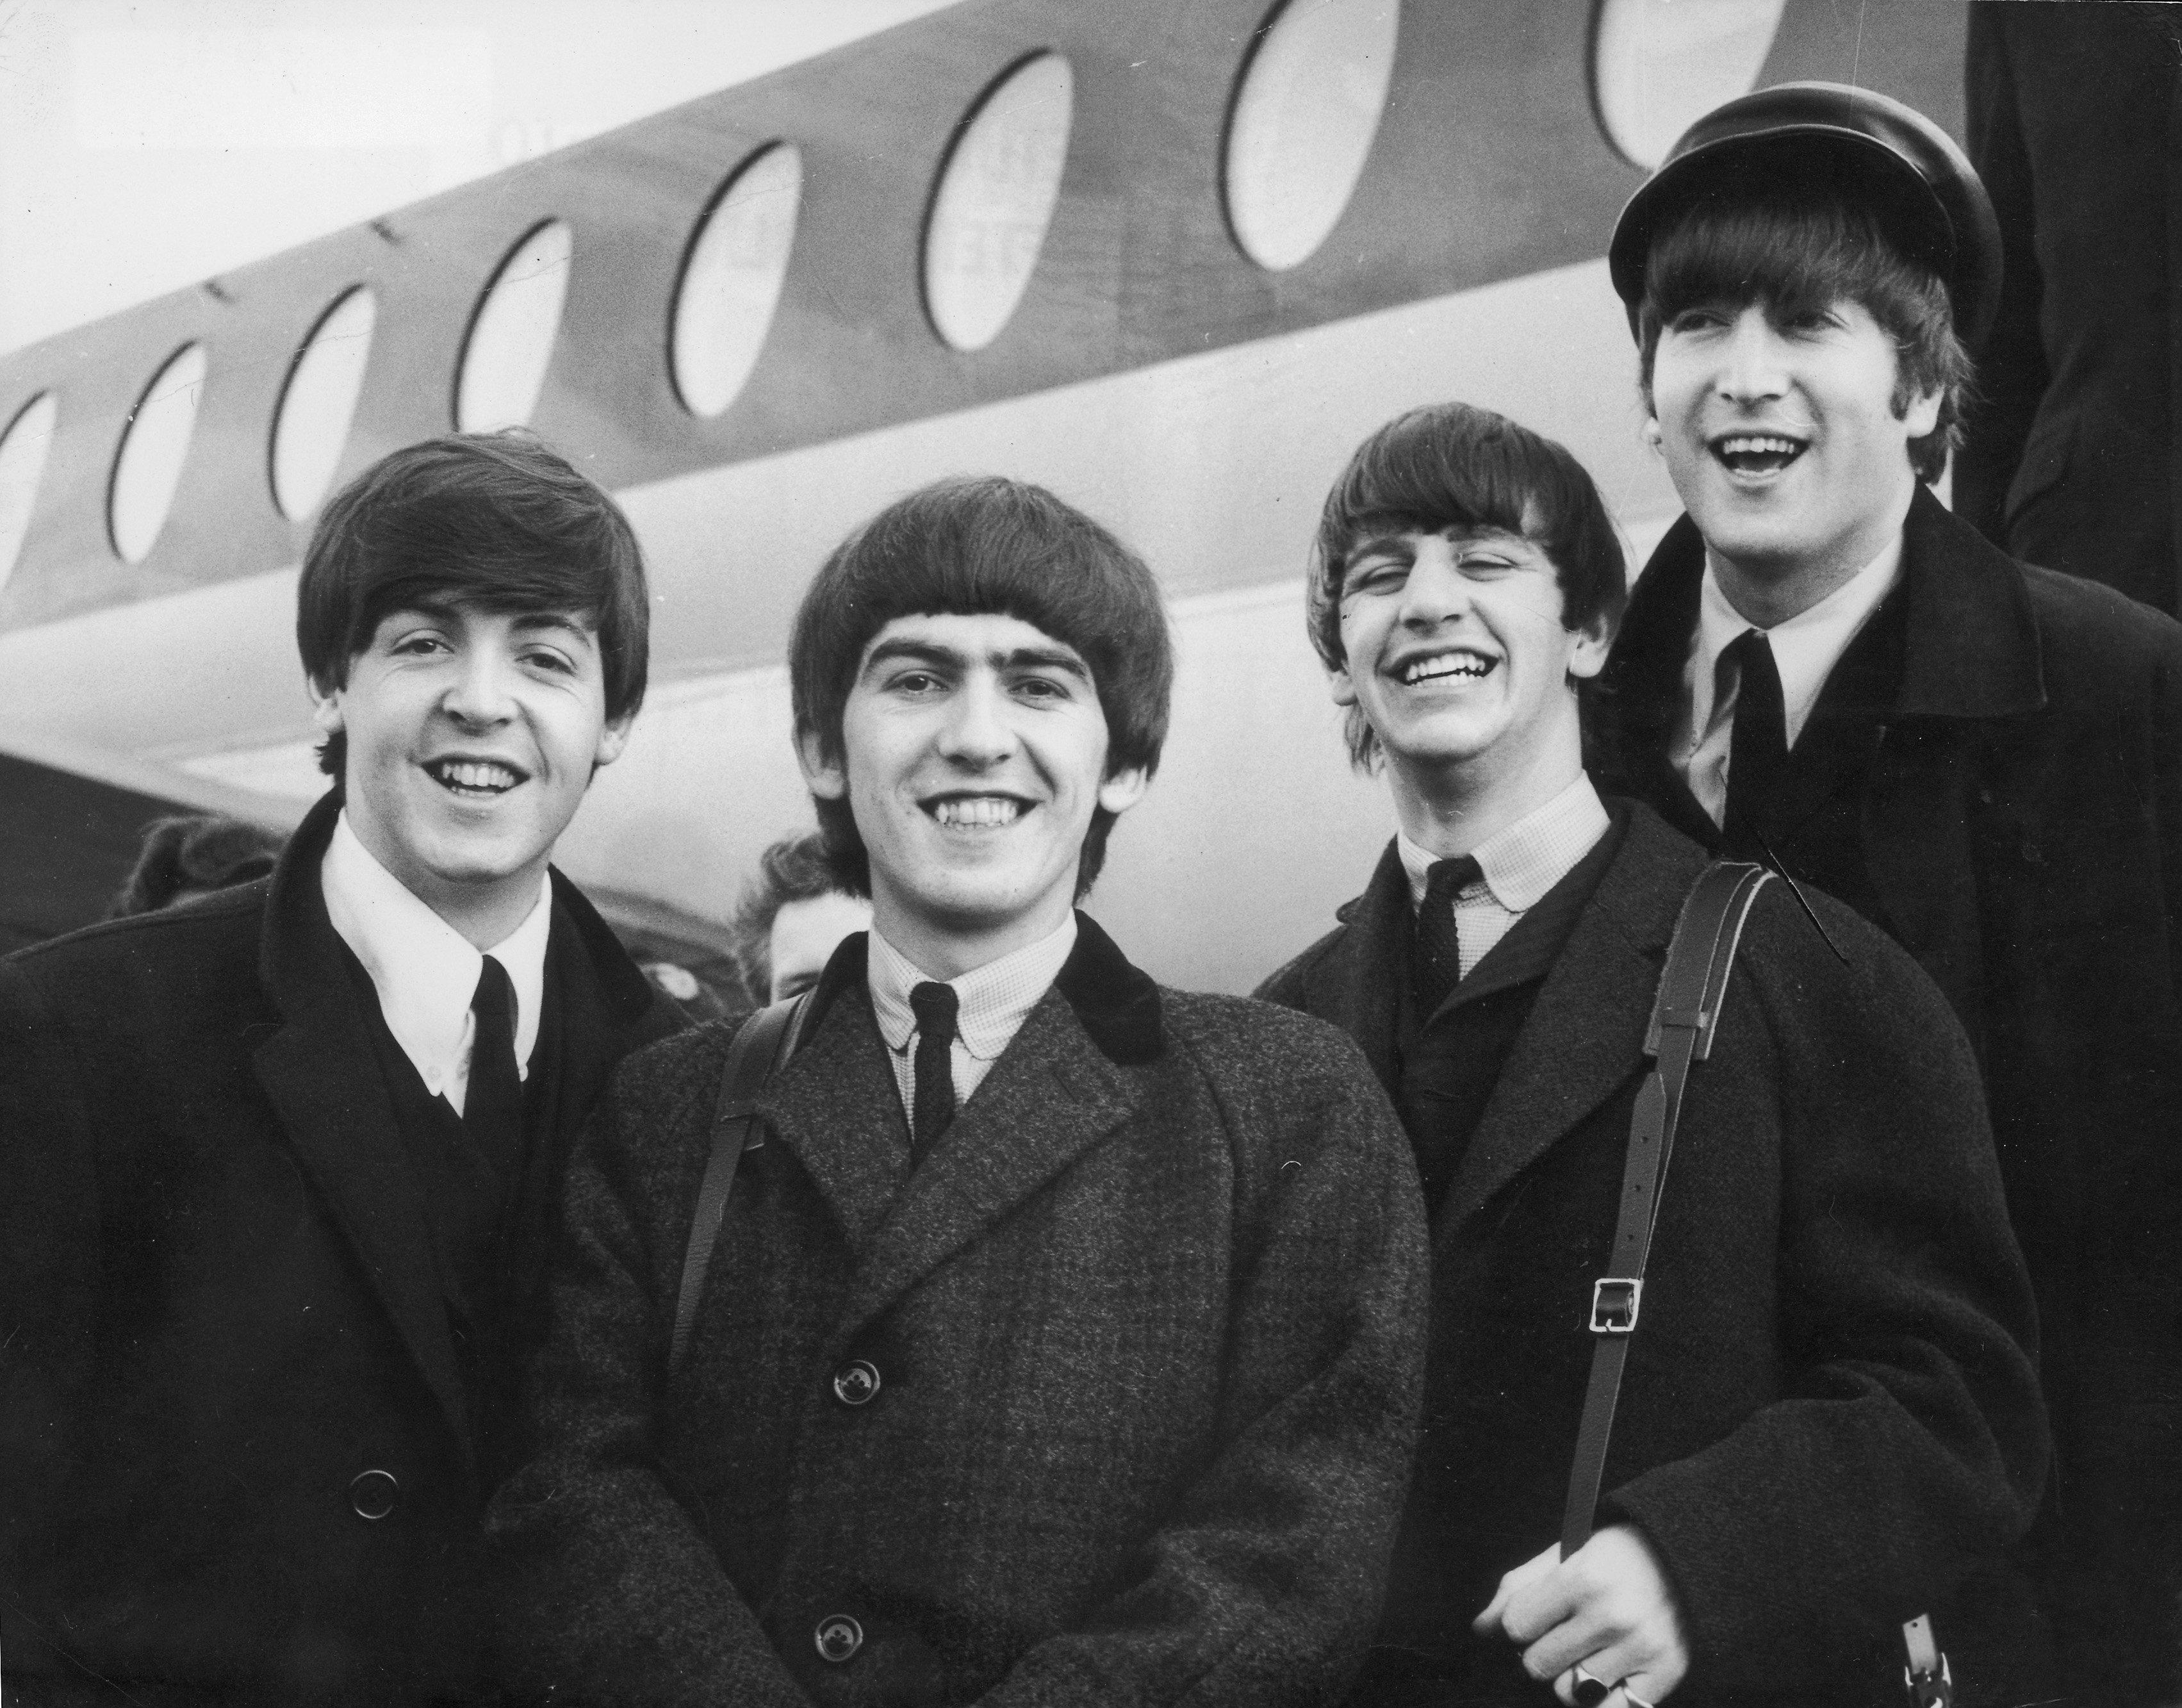 Βρετανία: Σε δημοπρασία πωλήθηκαν σπάνιες φωτογραφίες από τις πρώτες συναυλίες των Beatles